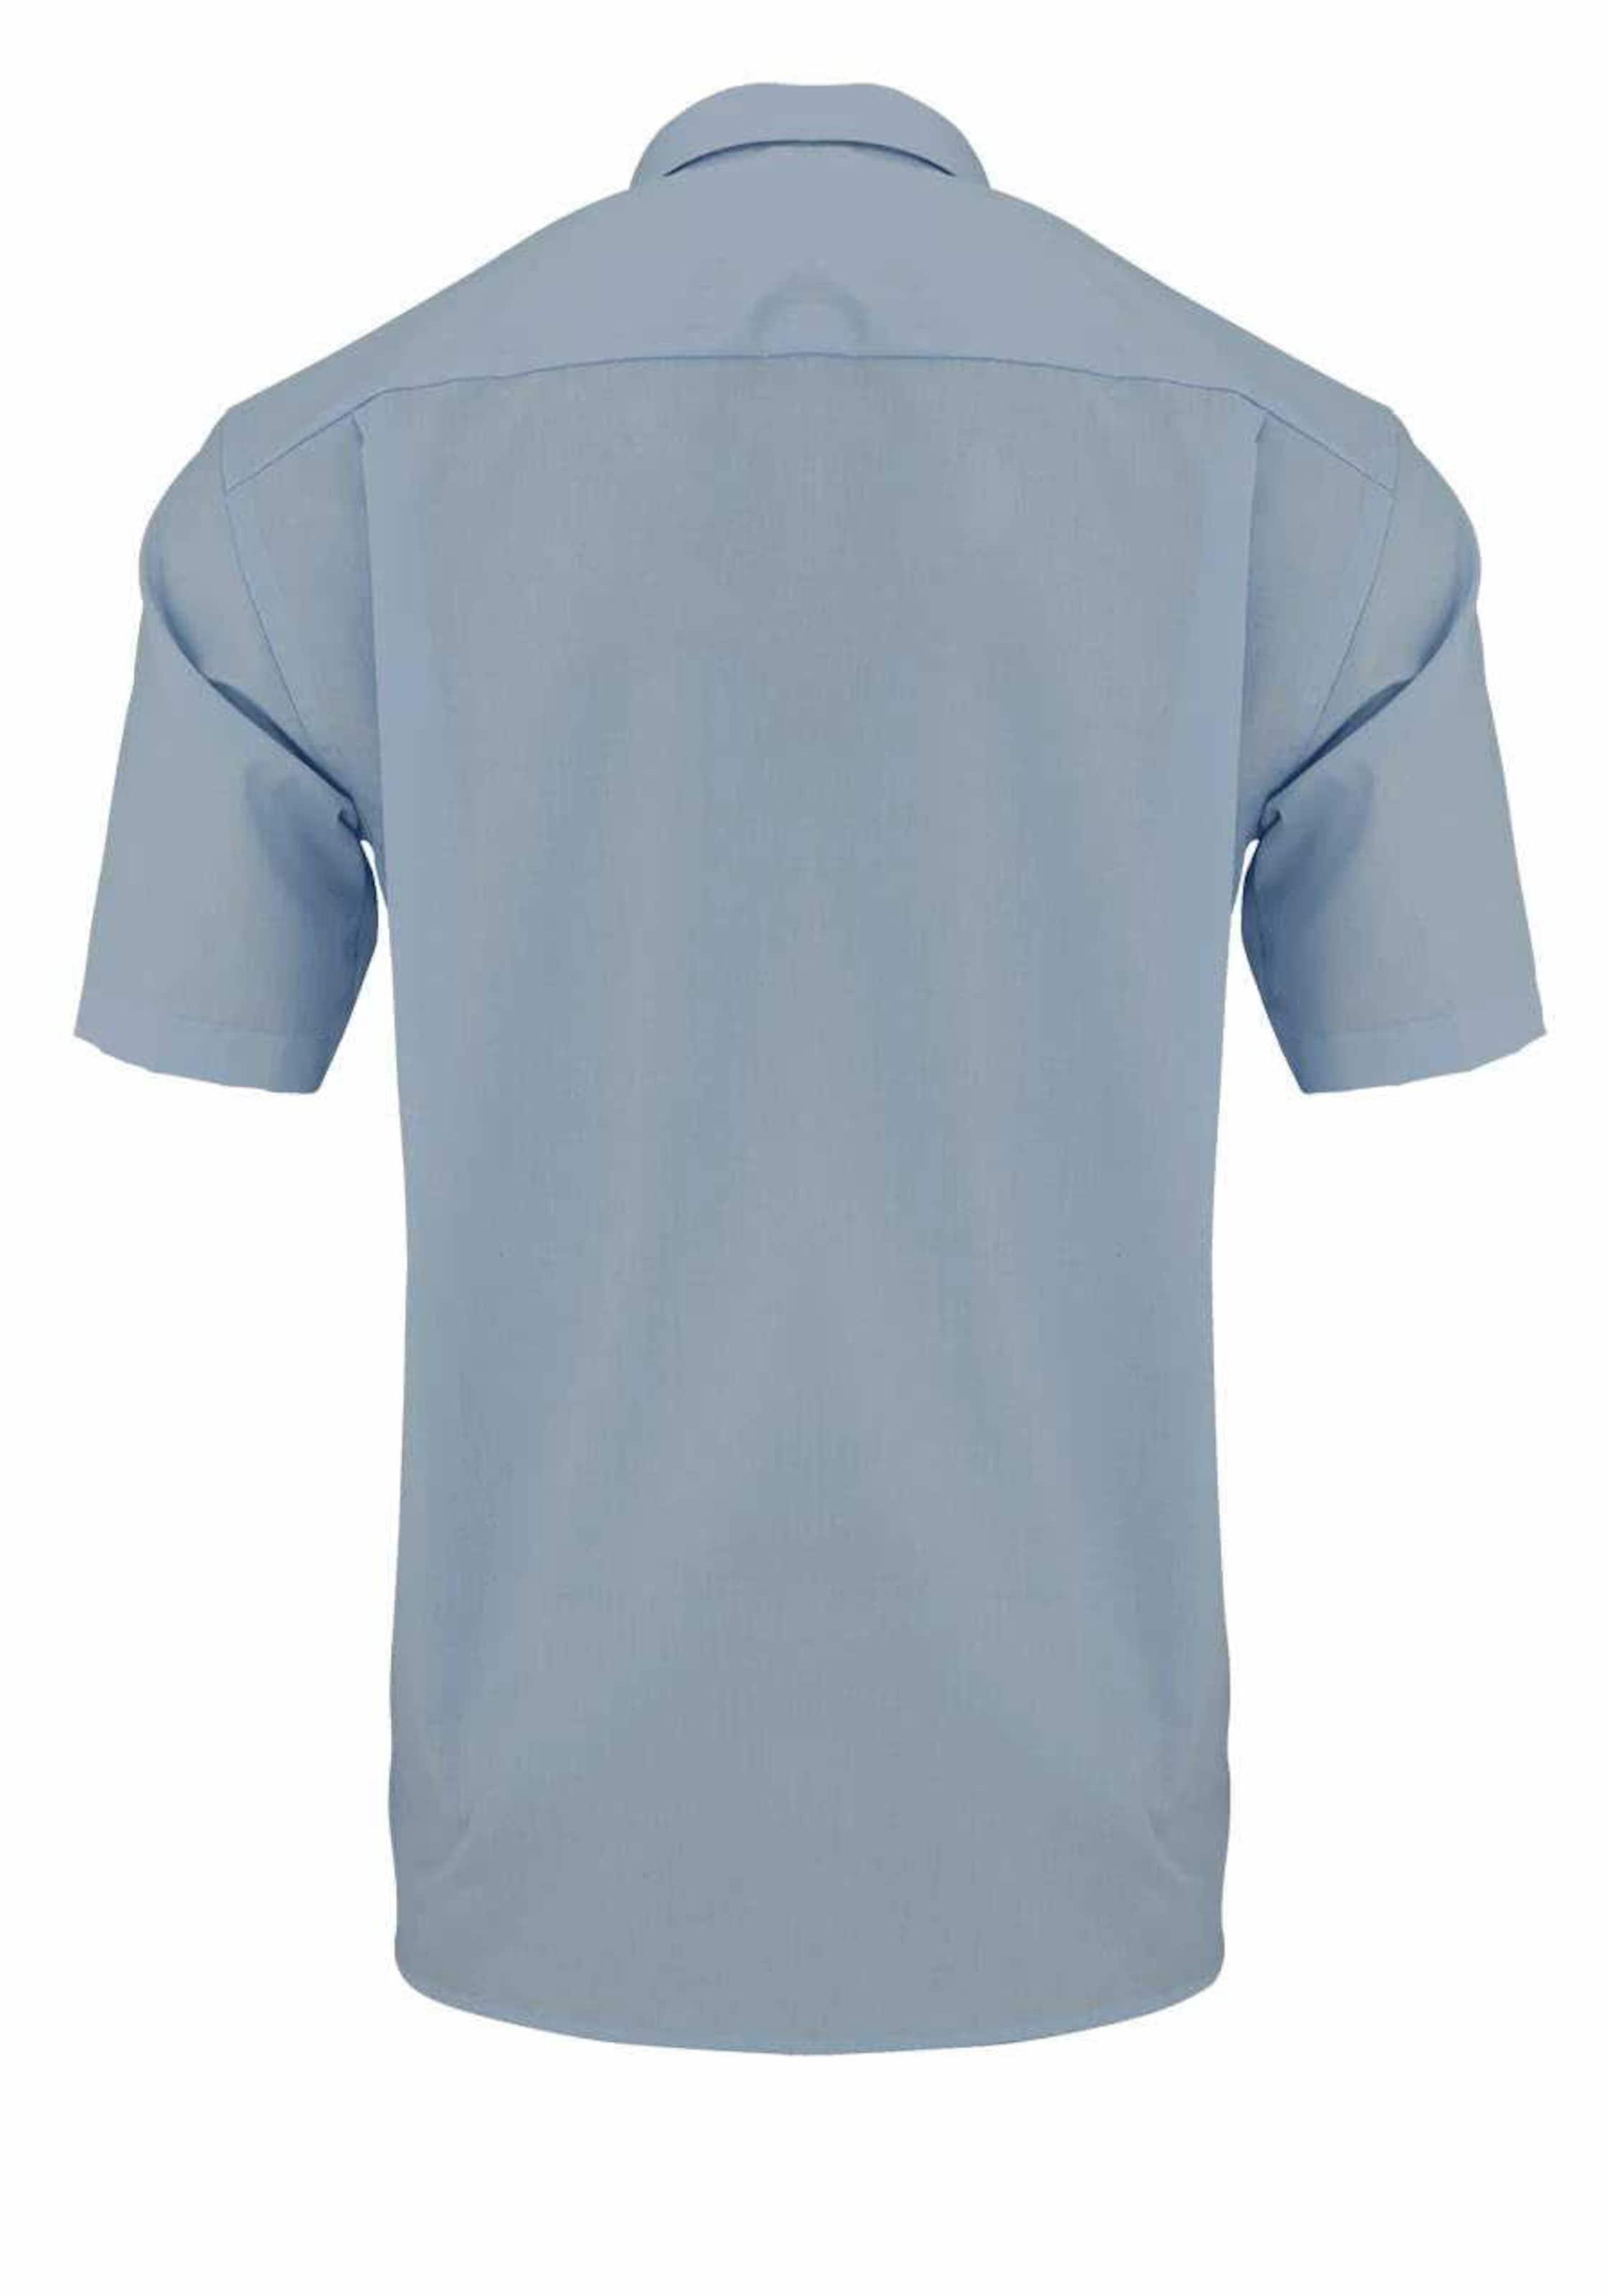 OLYMP Hemden in blau Baumwolle 1410-80-01019_40